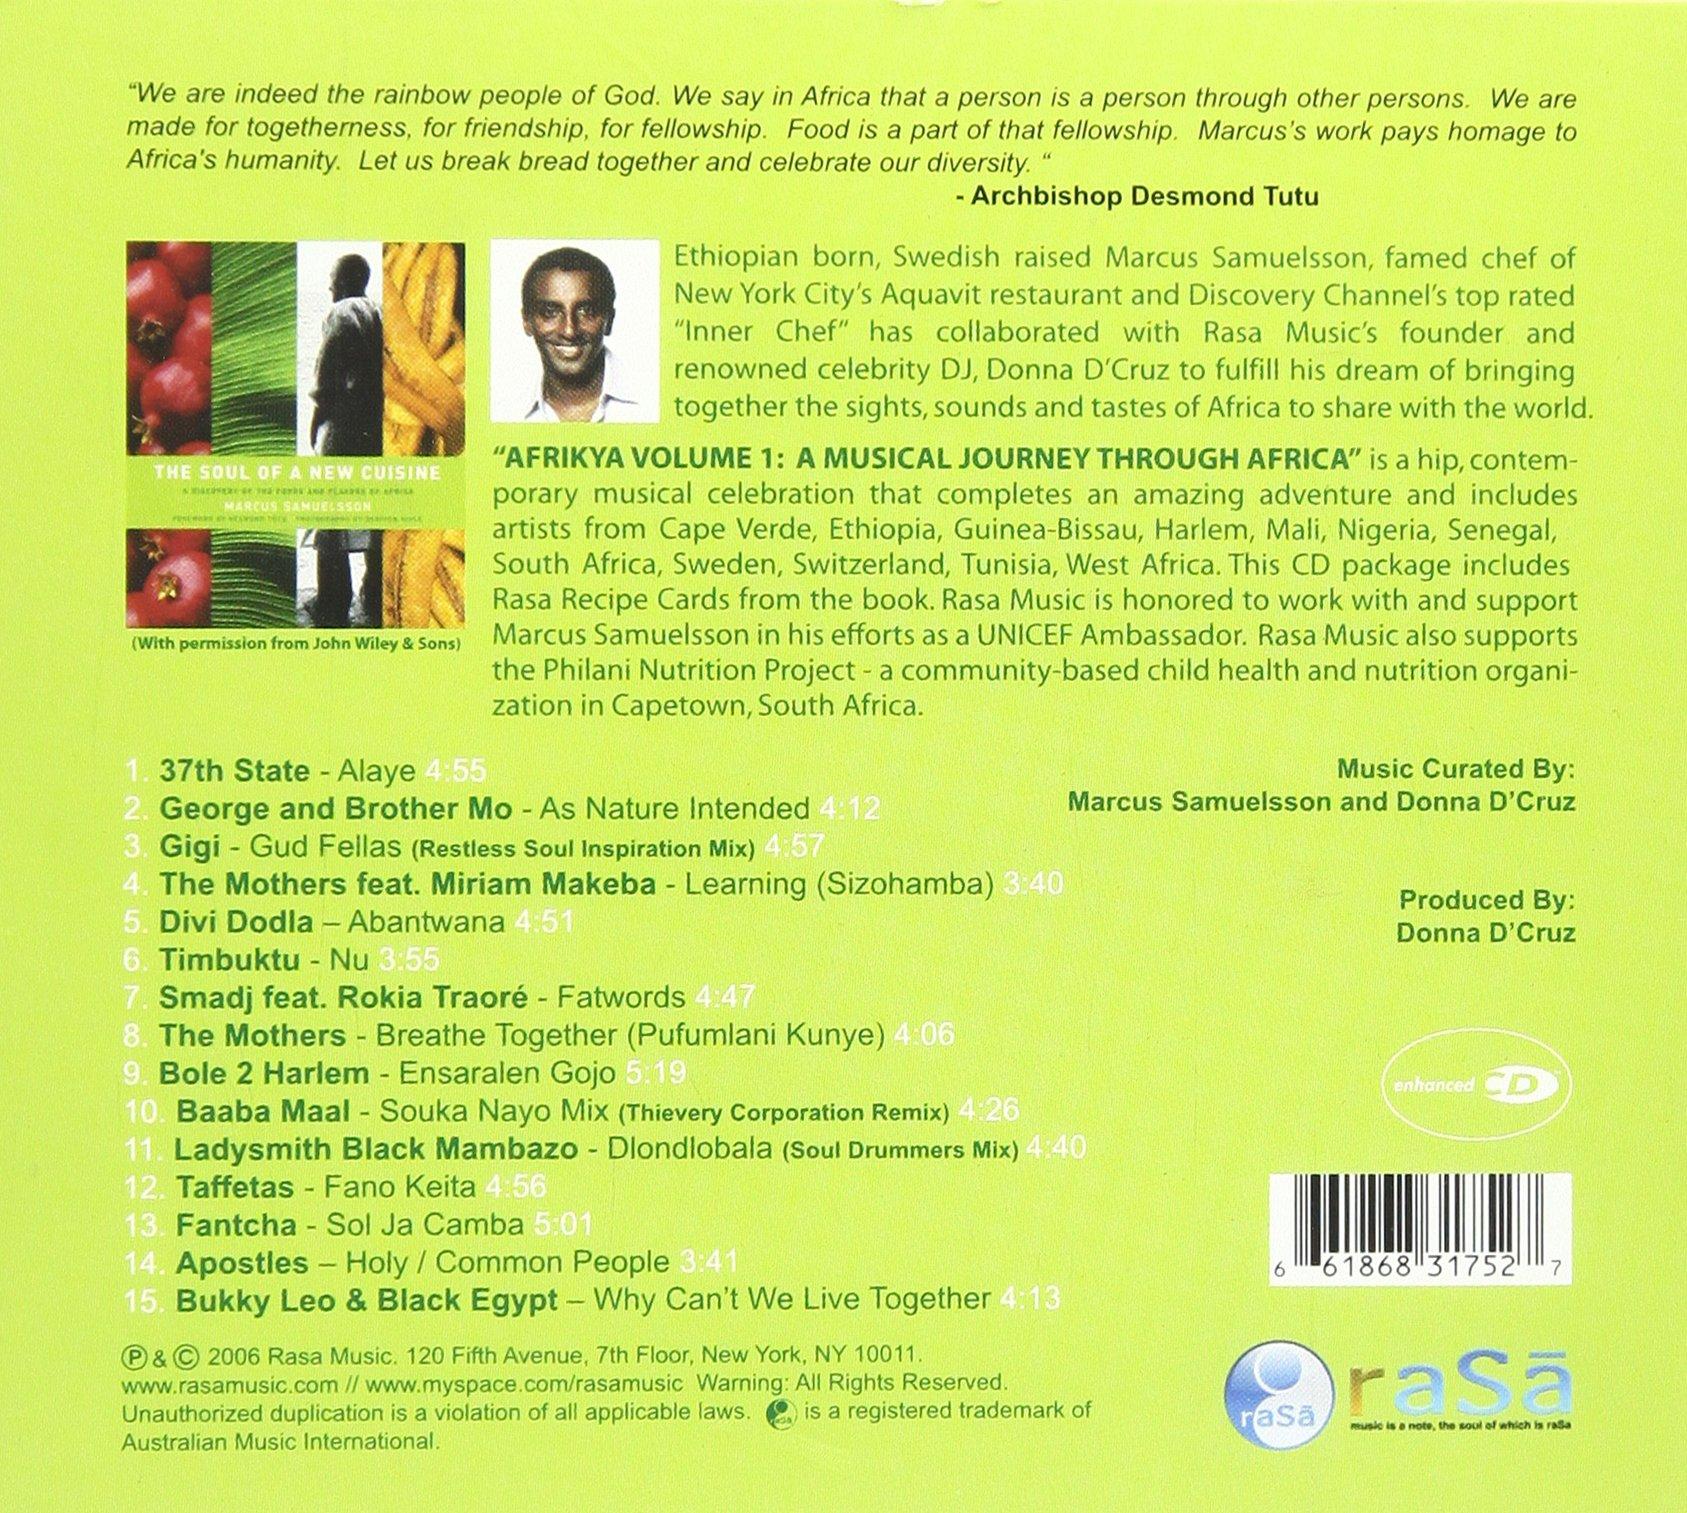 Afrikya Volume 1: A Musical Journey Through Africa